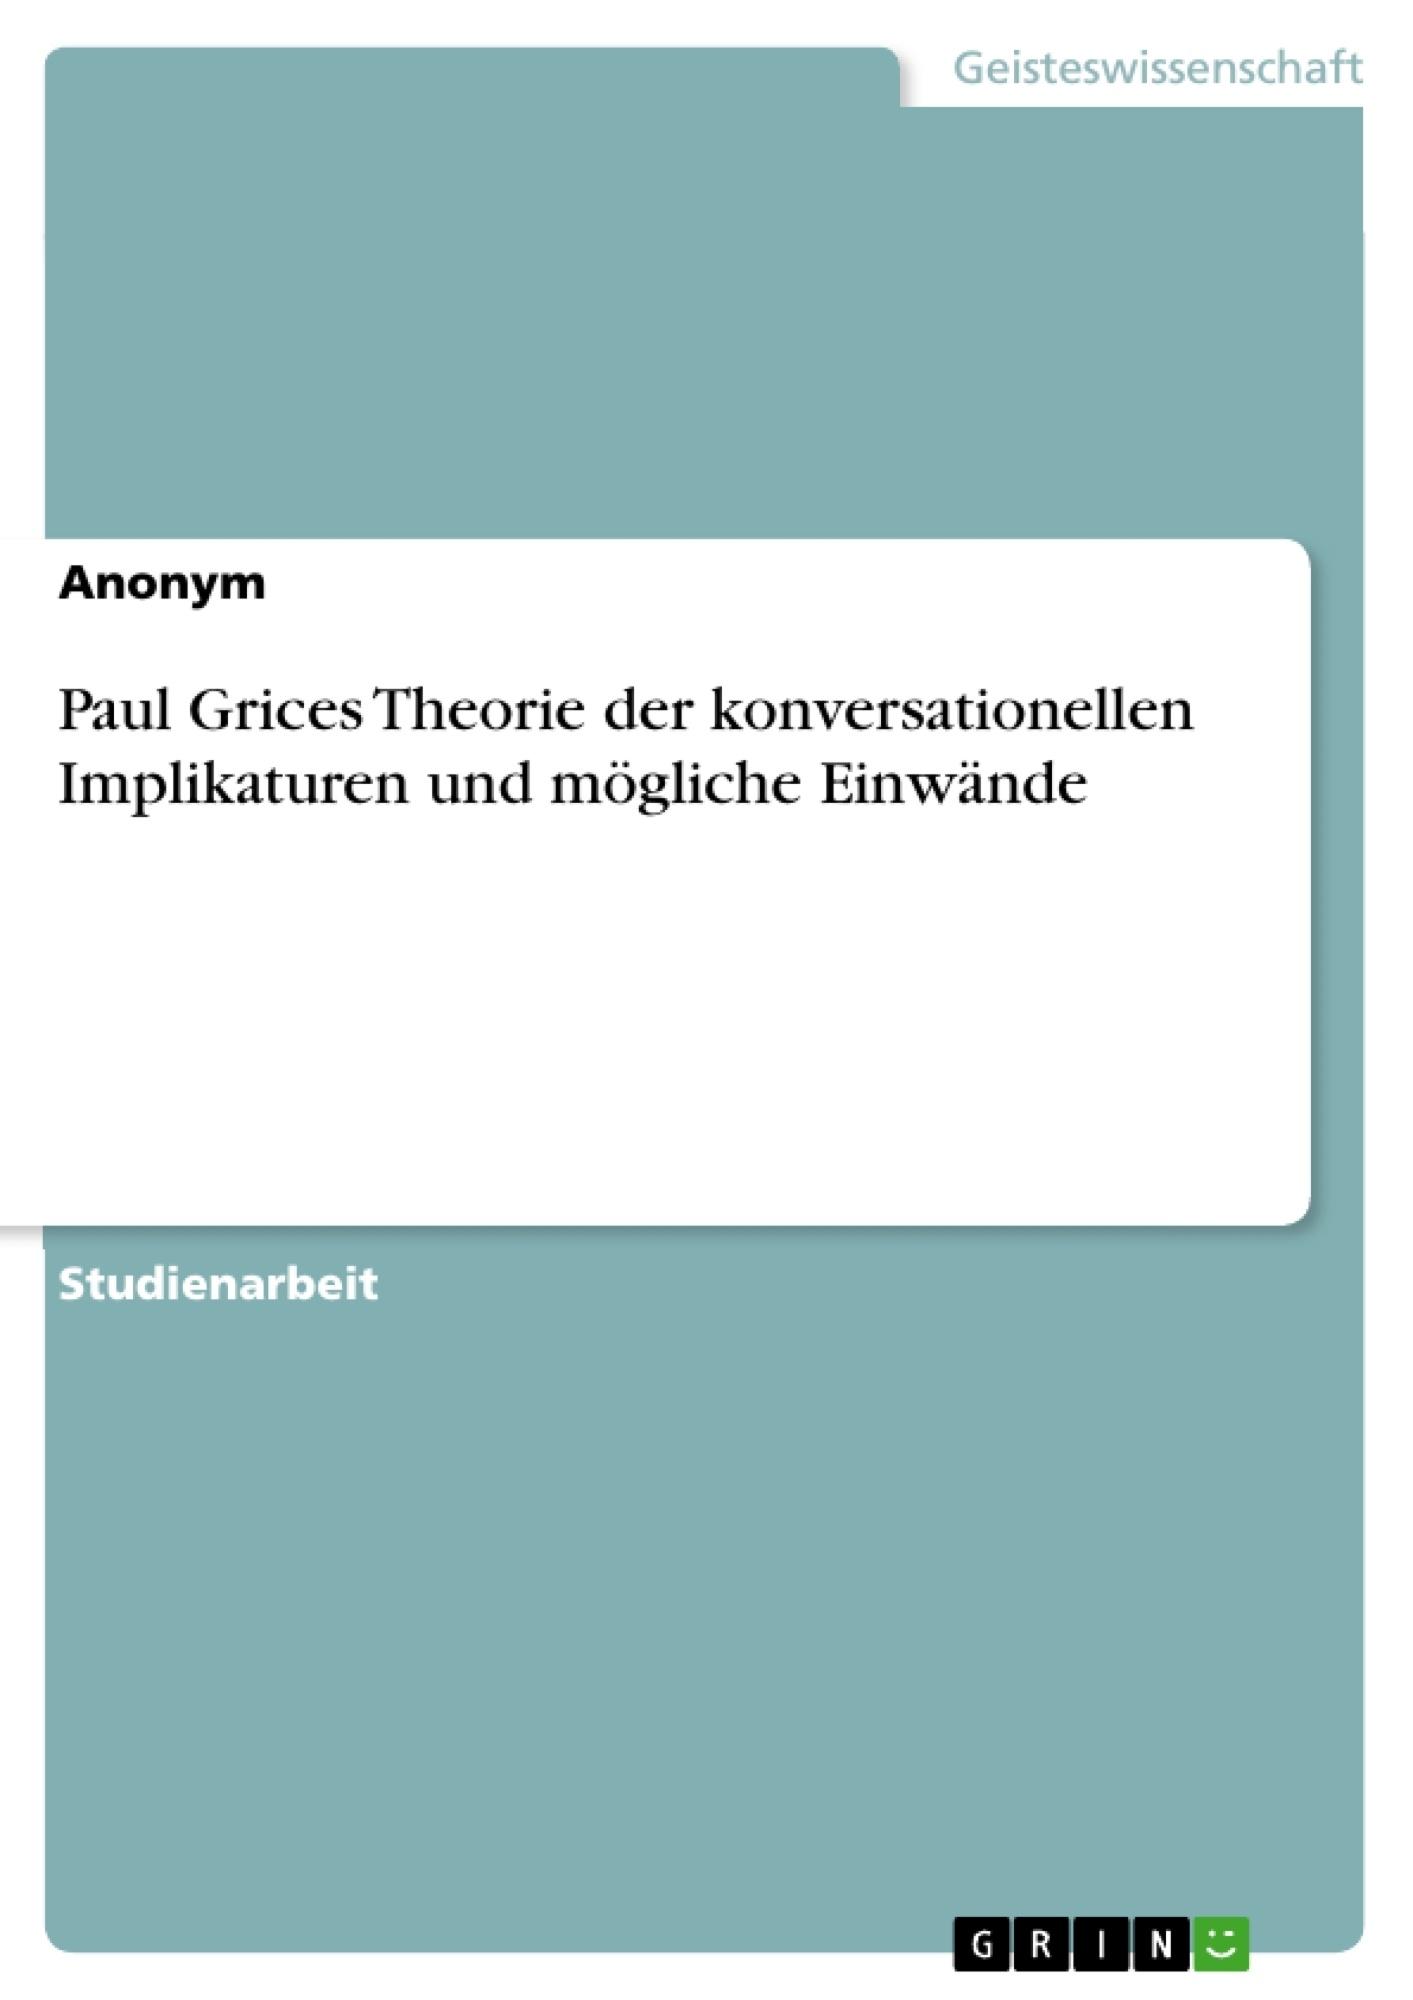 Titel: Paul Grices Theorie der konversationellen Implikaturen und mögliche Einwände